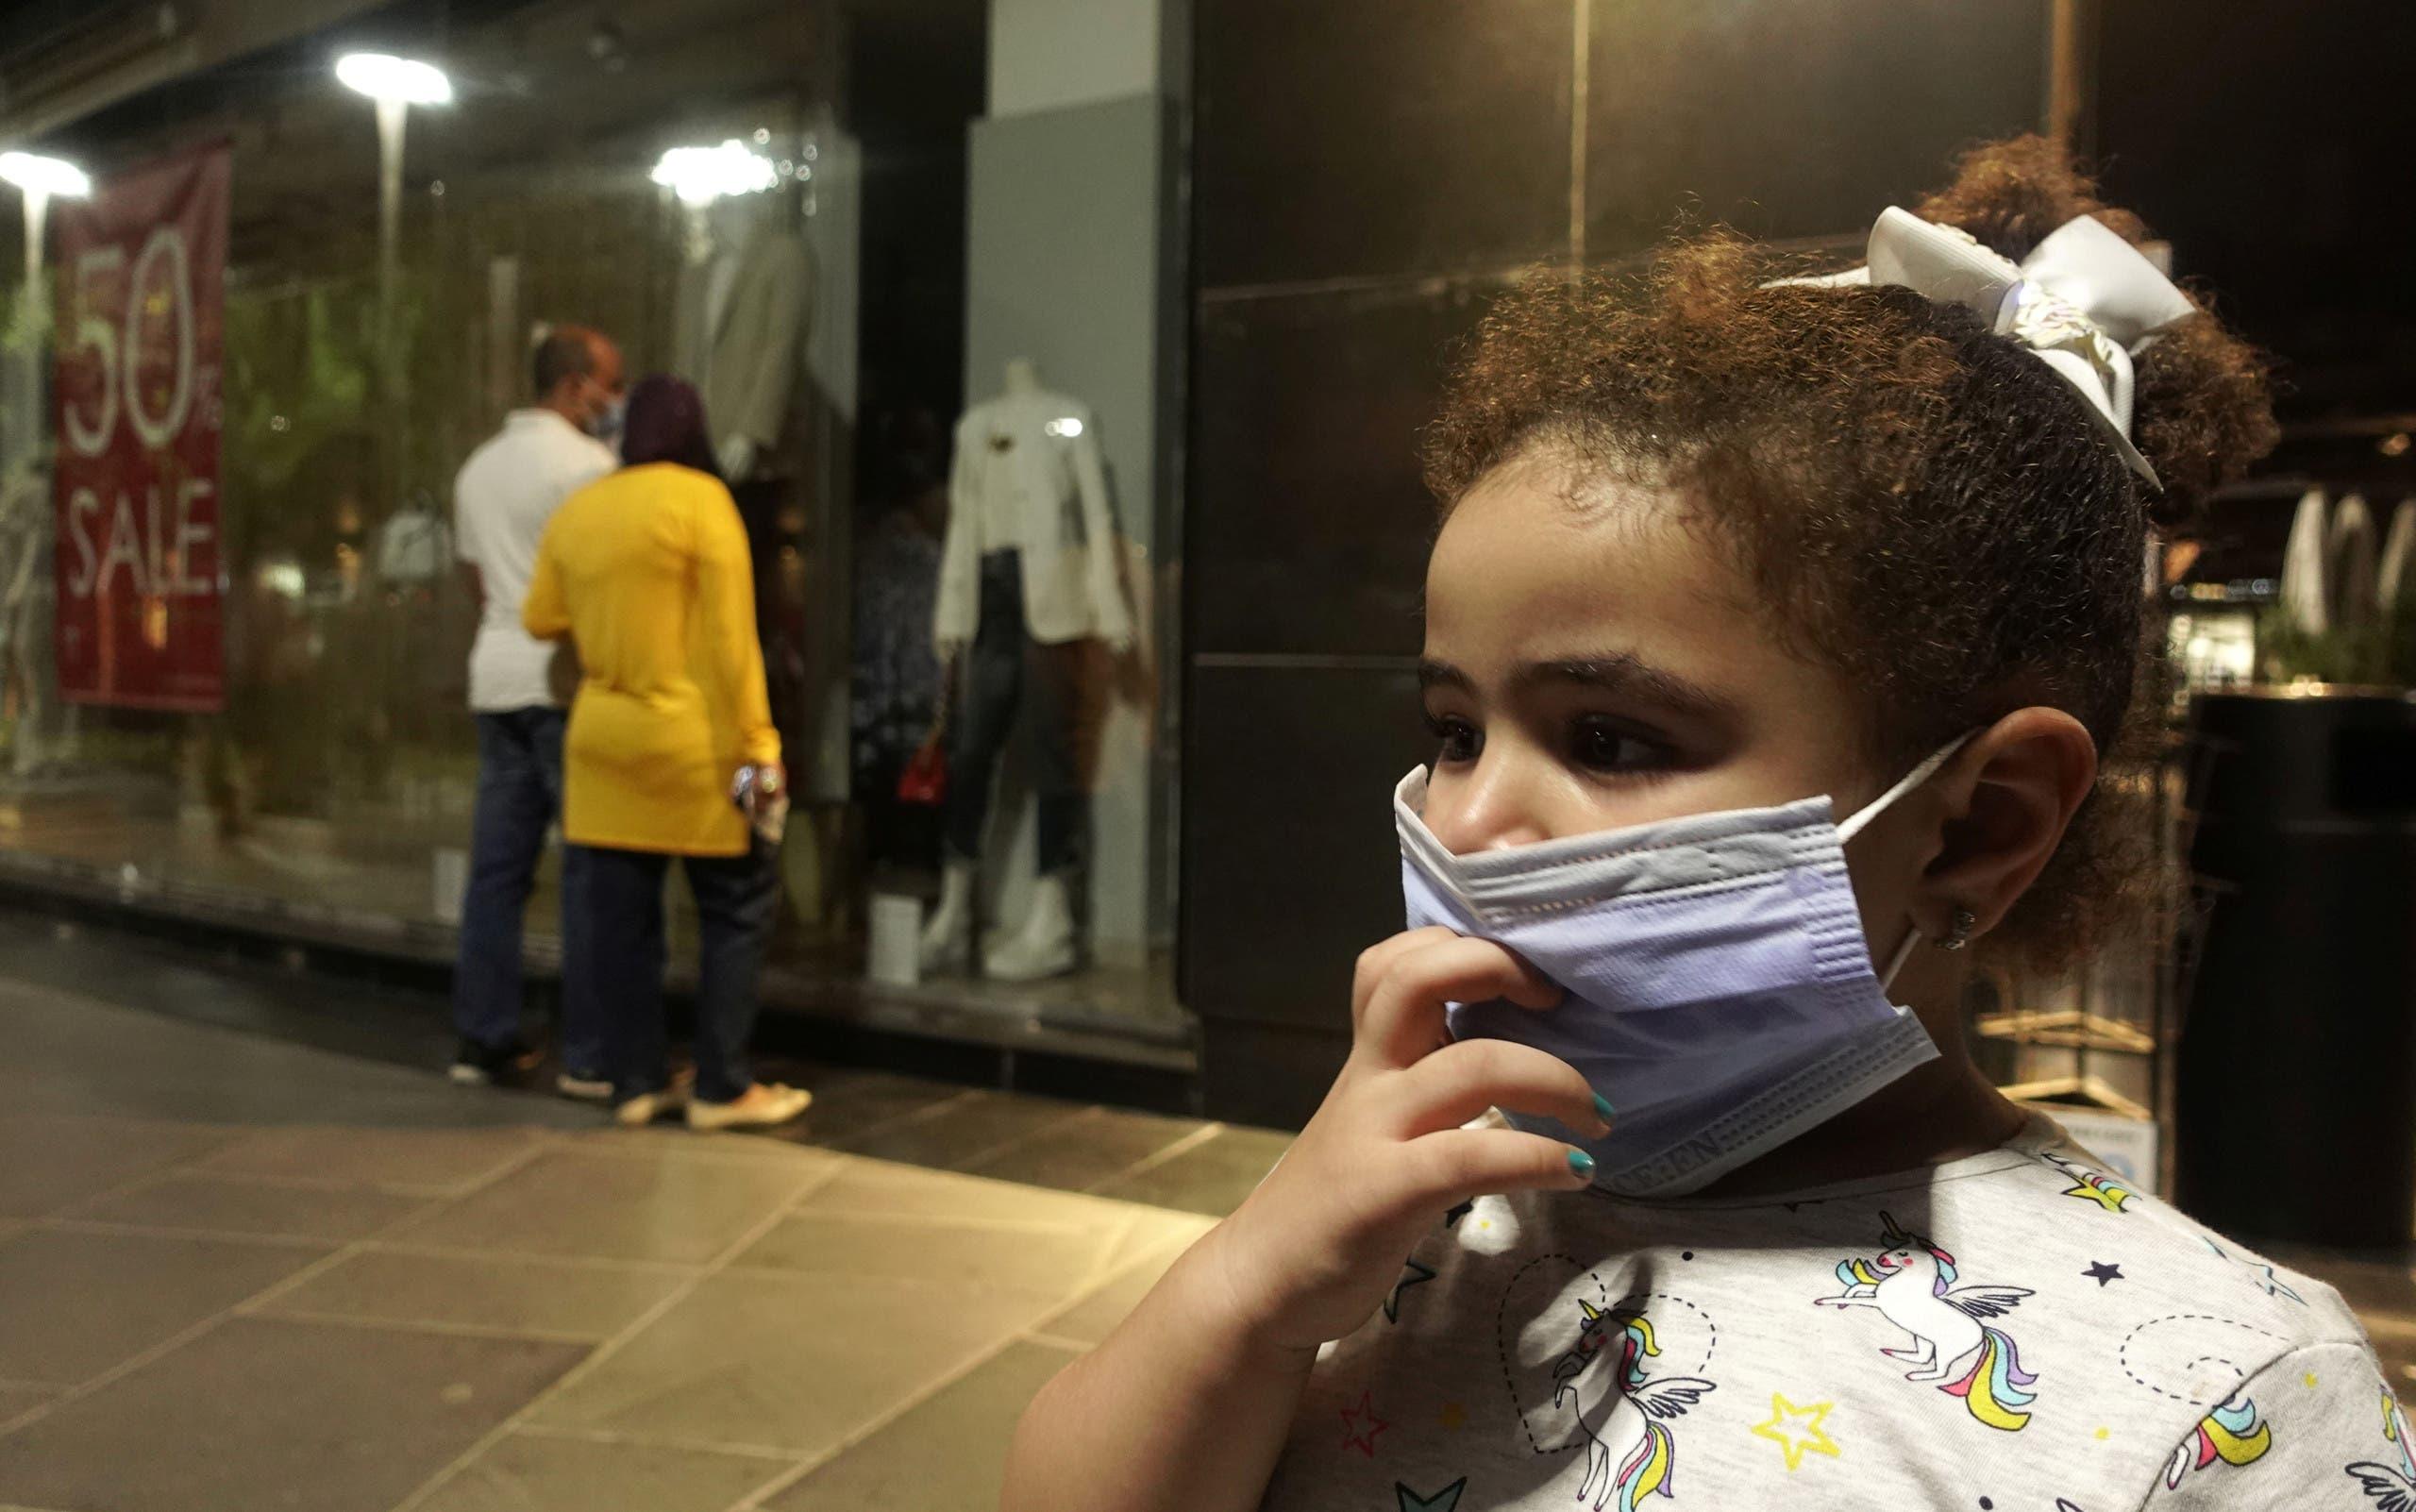 طفلة تضع كمامة في القاهرة للوقاية من كورونا